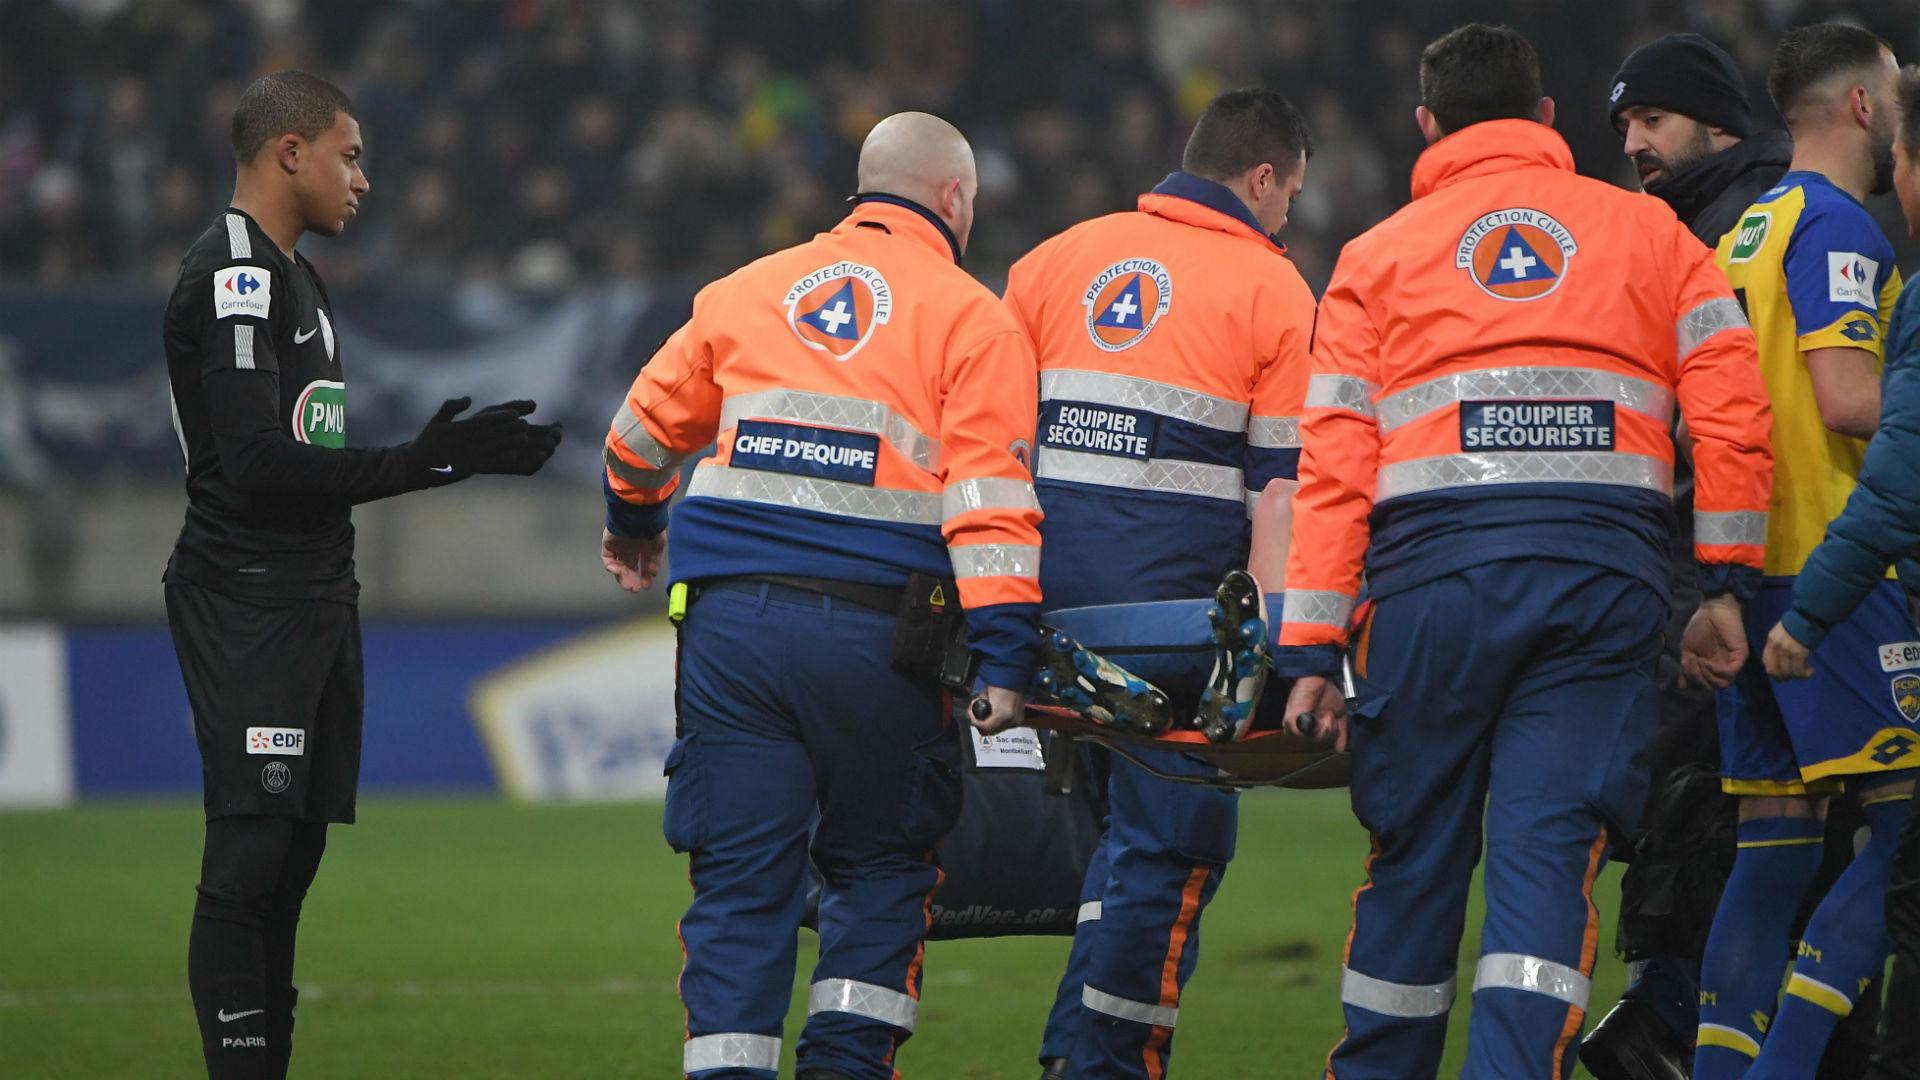 Rupture des ligaments croisés pour Florian Martin ?